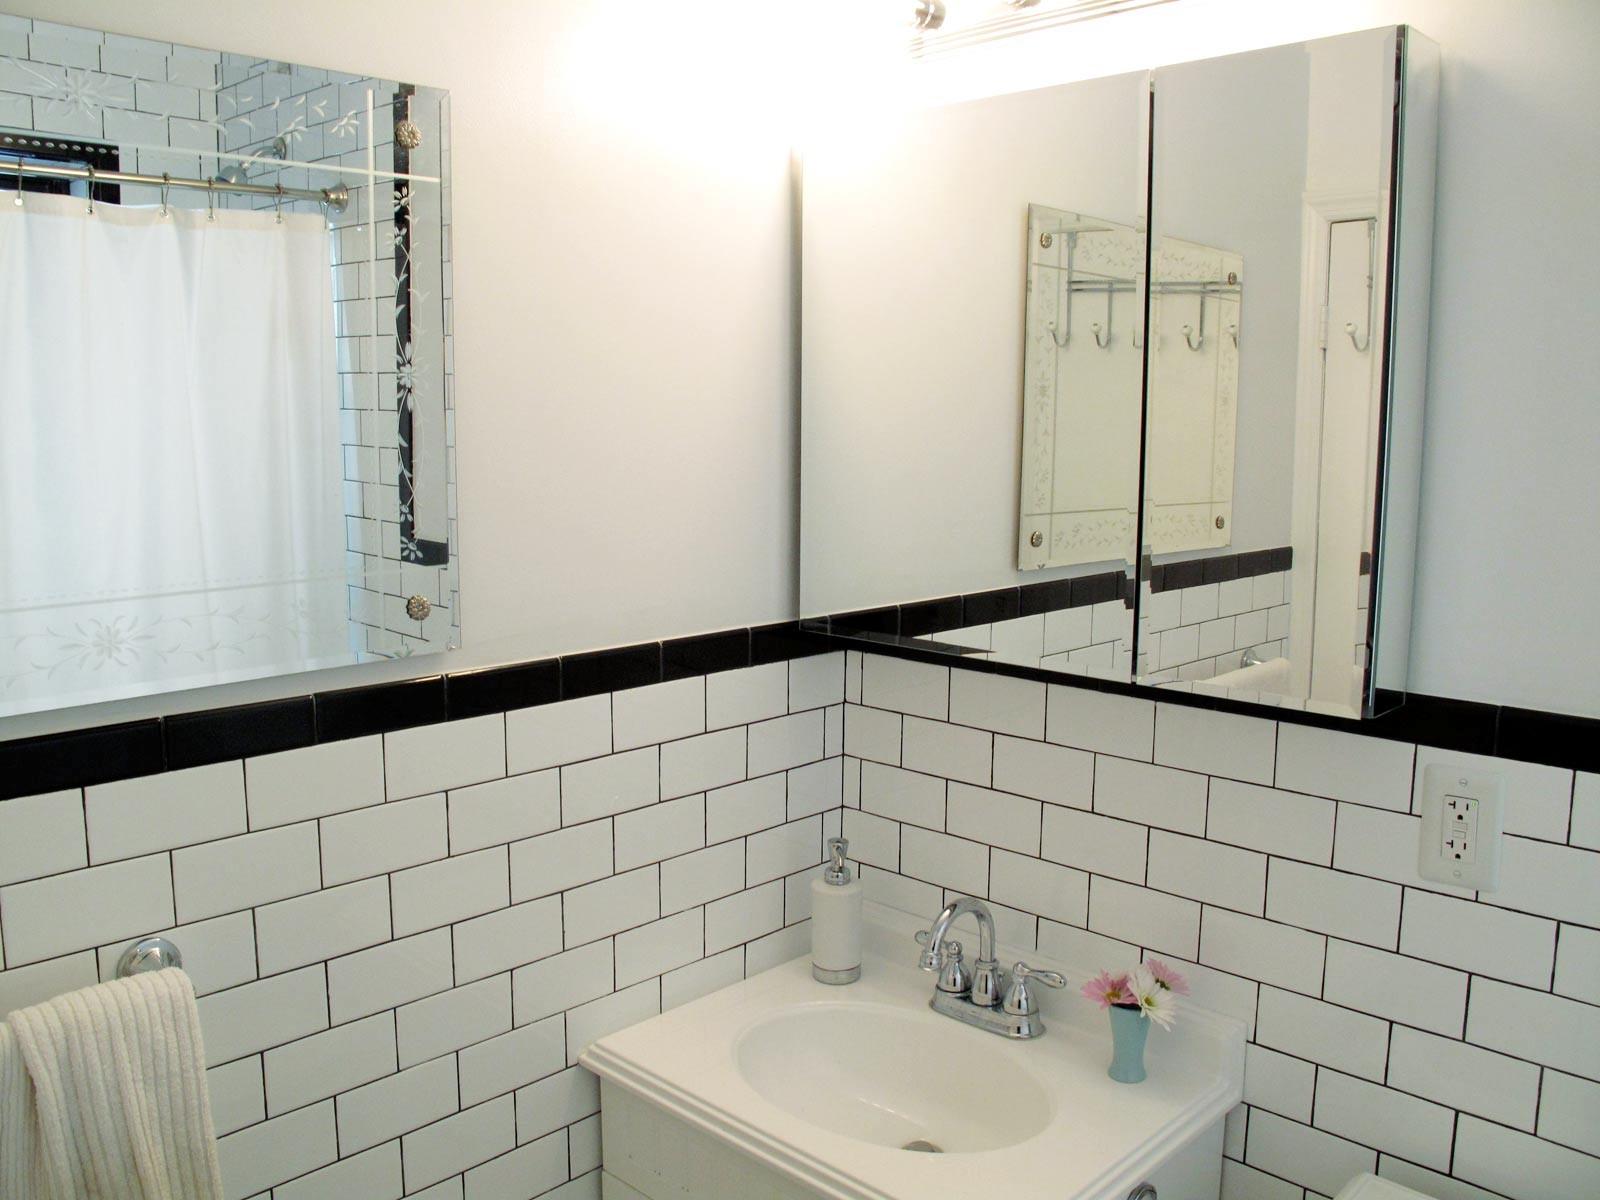 Vintage Bathroom Floor Tile Unique Magnificent and Ideas Of Vintage Bathroom Floor Tile Image